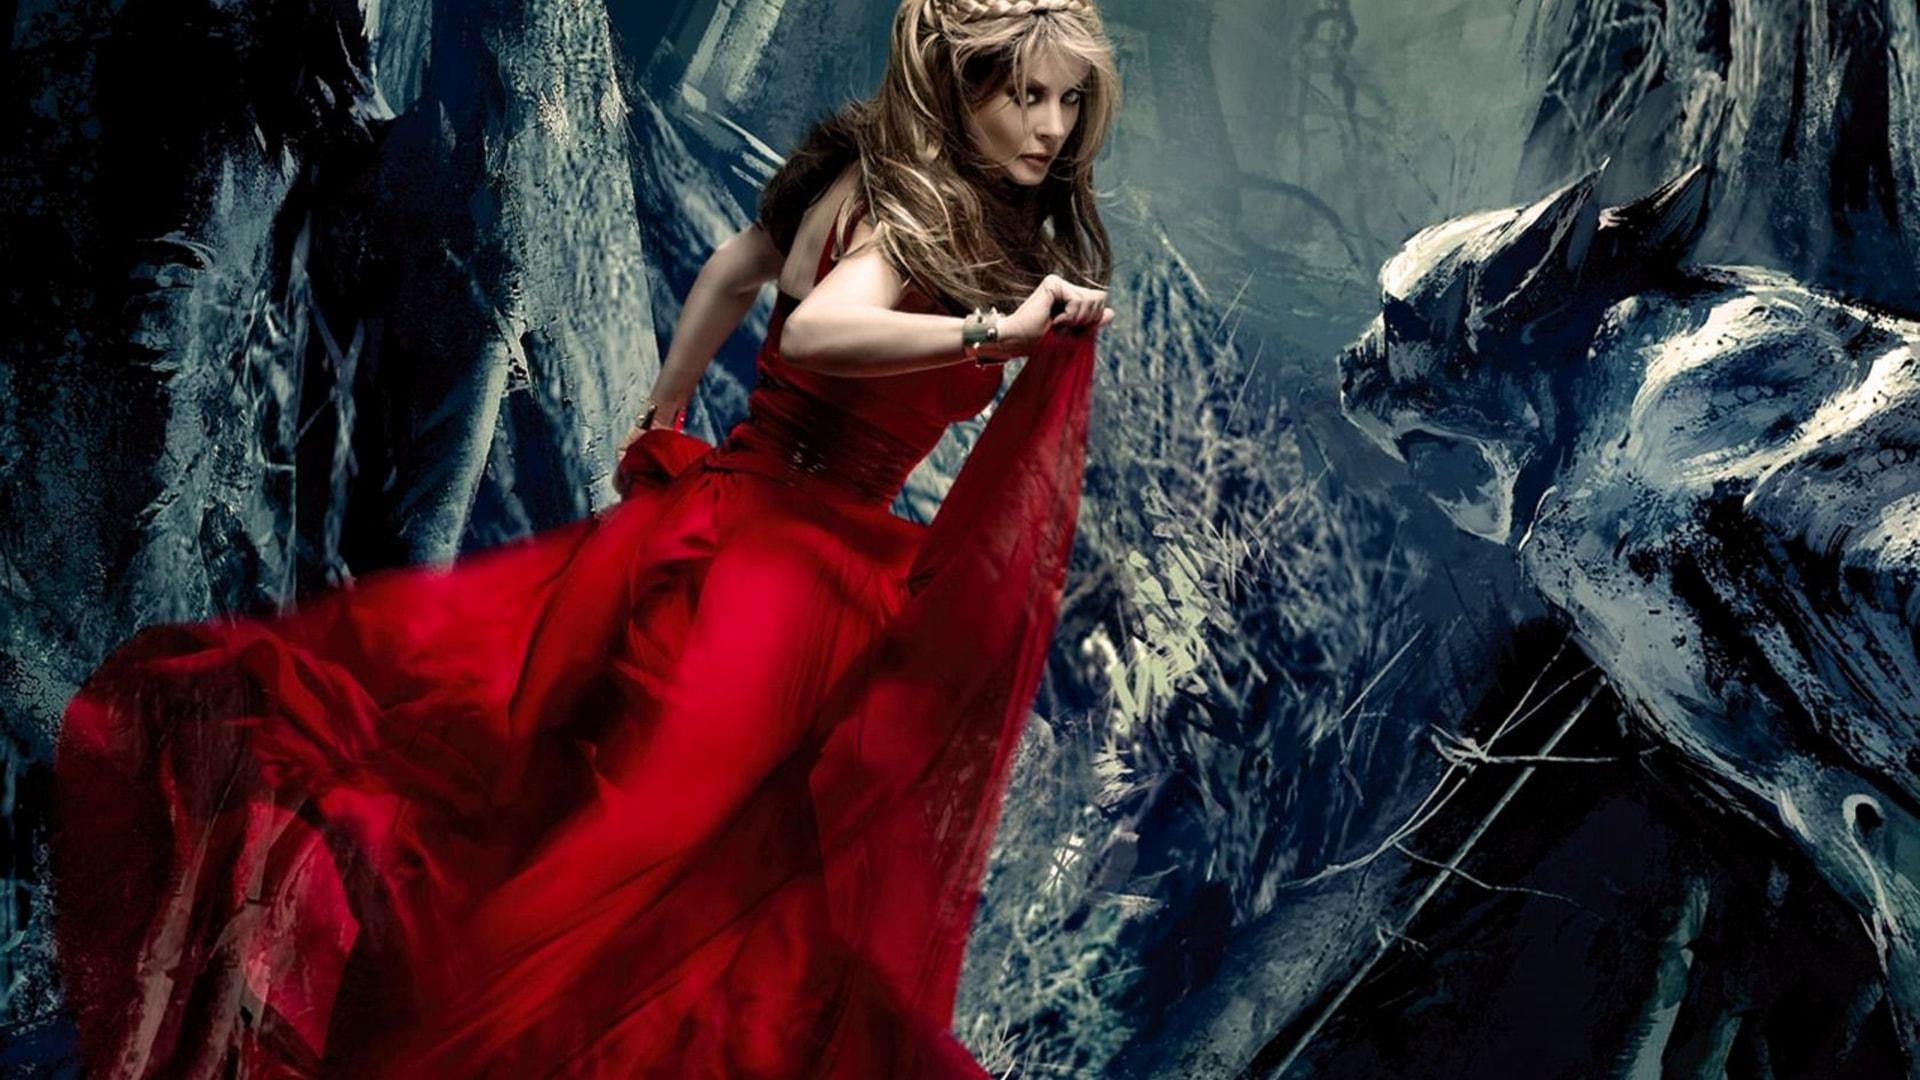 Sarah Brightman Backgrounds